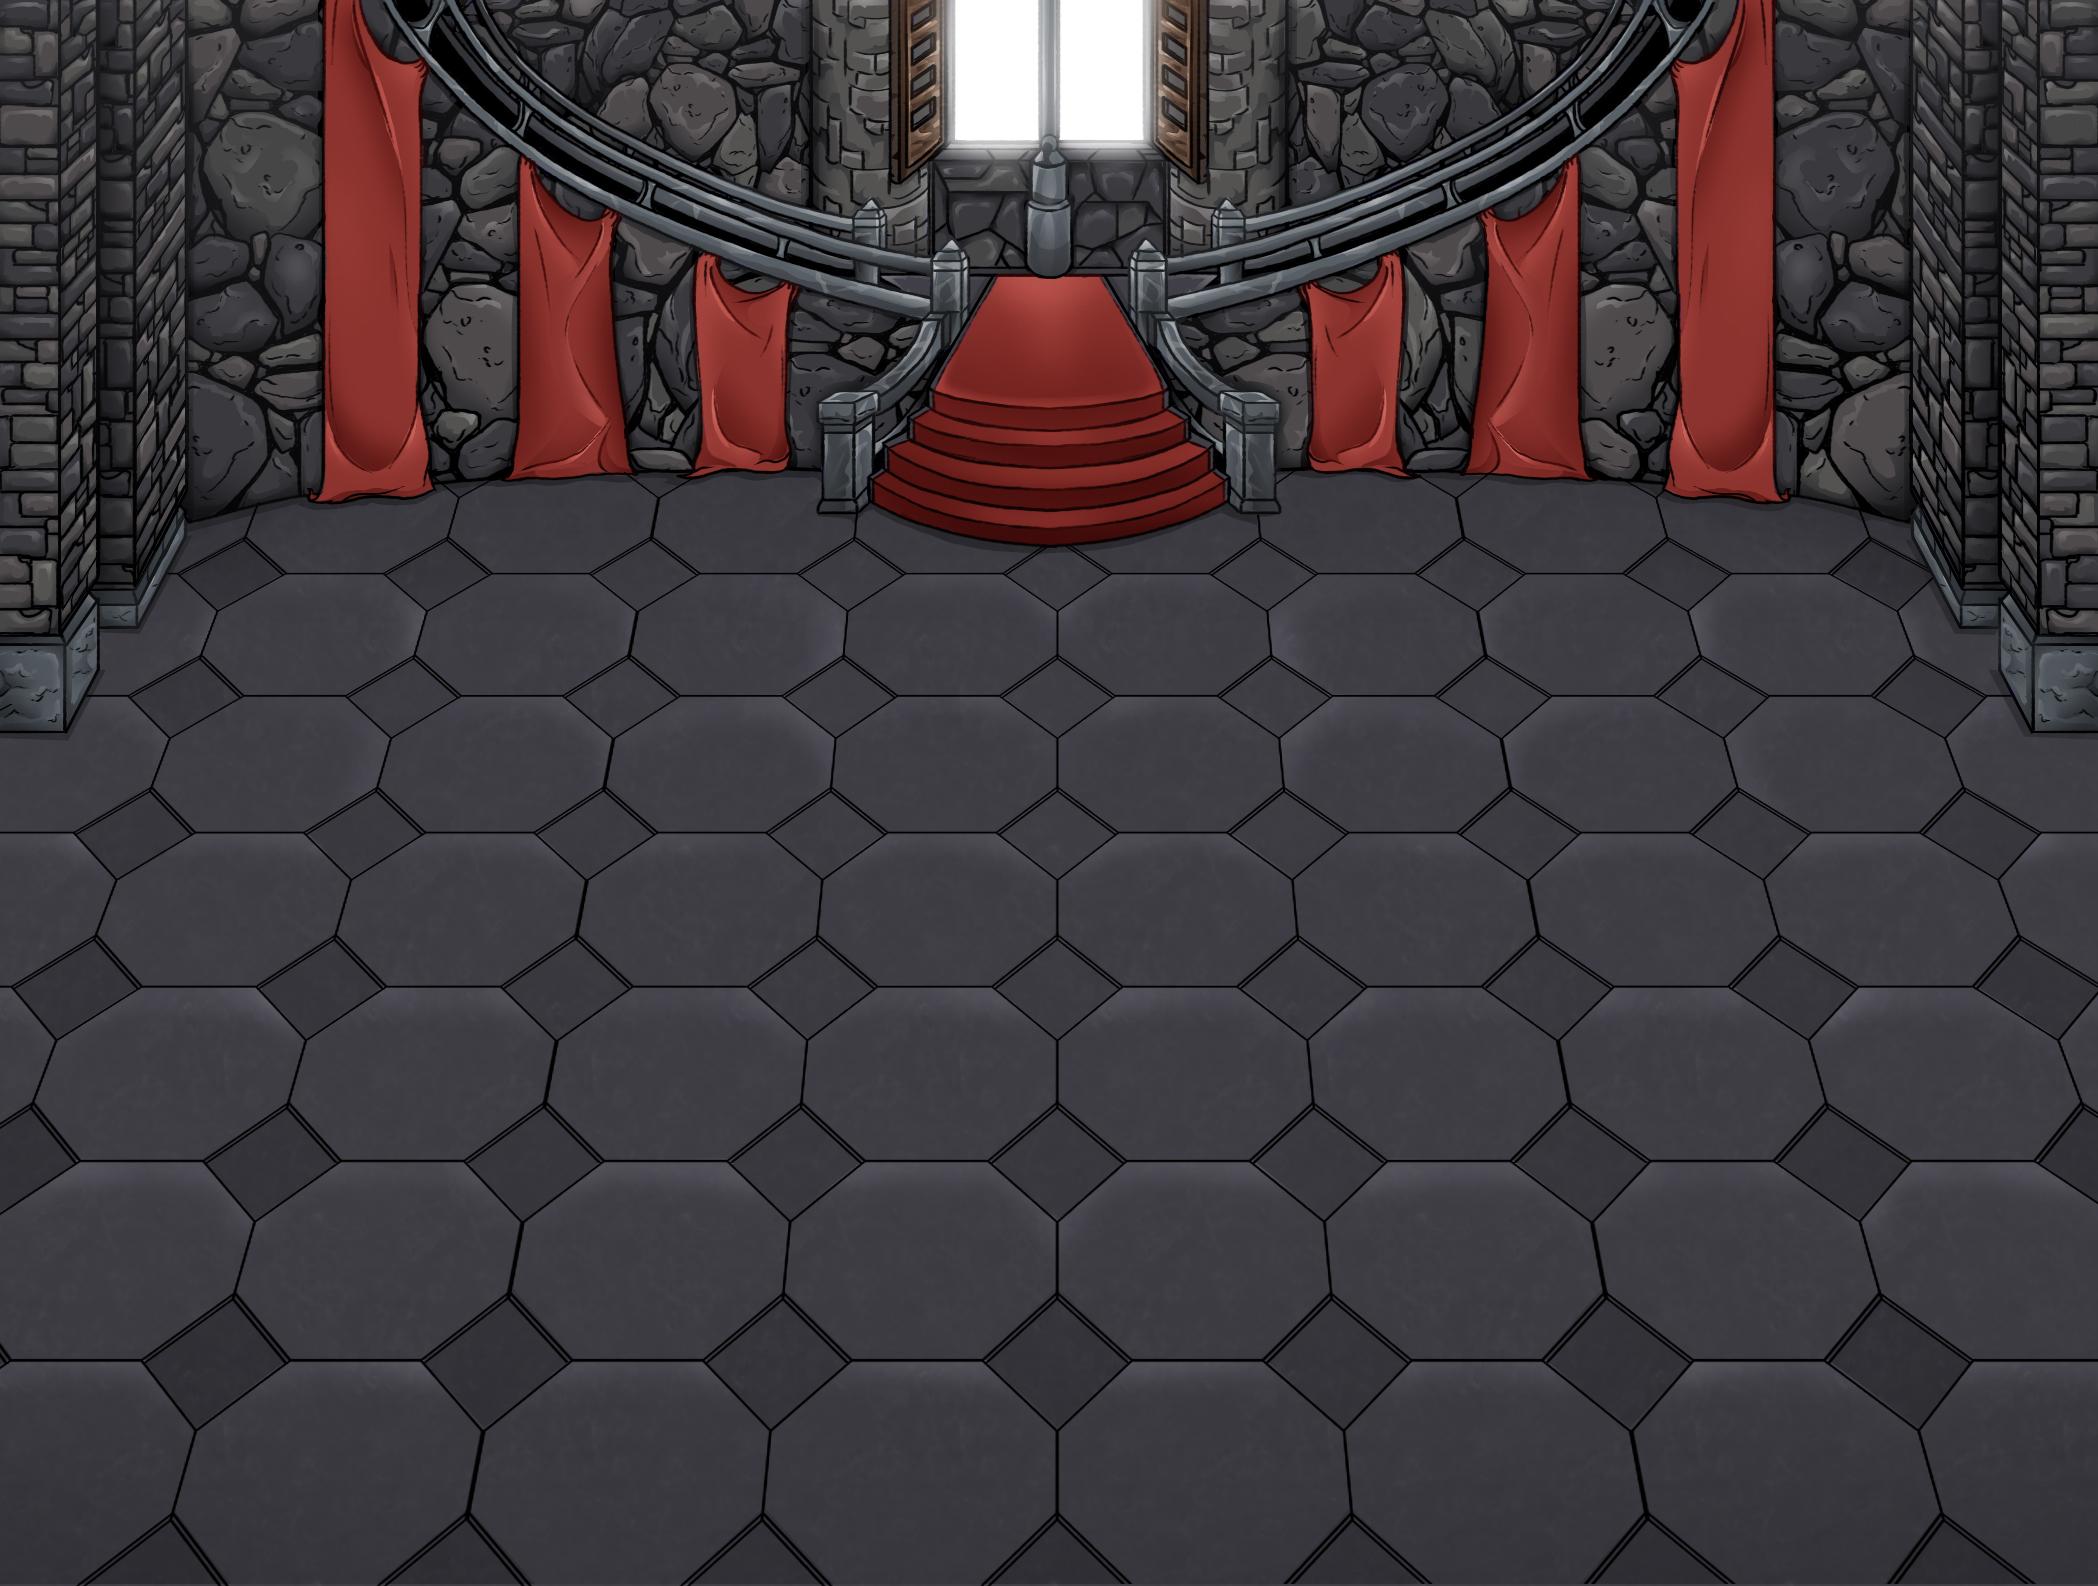 393421_140259355282_castle1_greathall_5_2.jpg